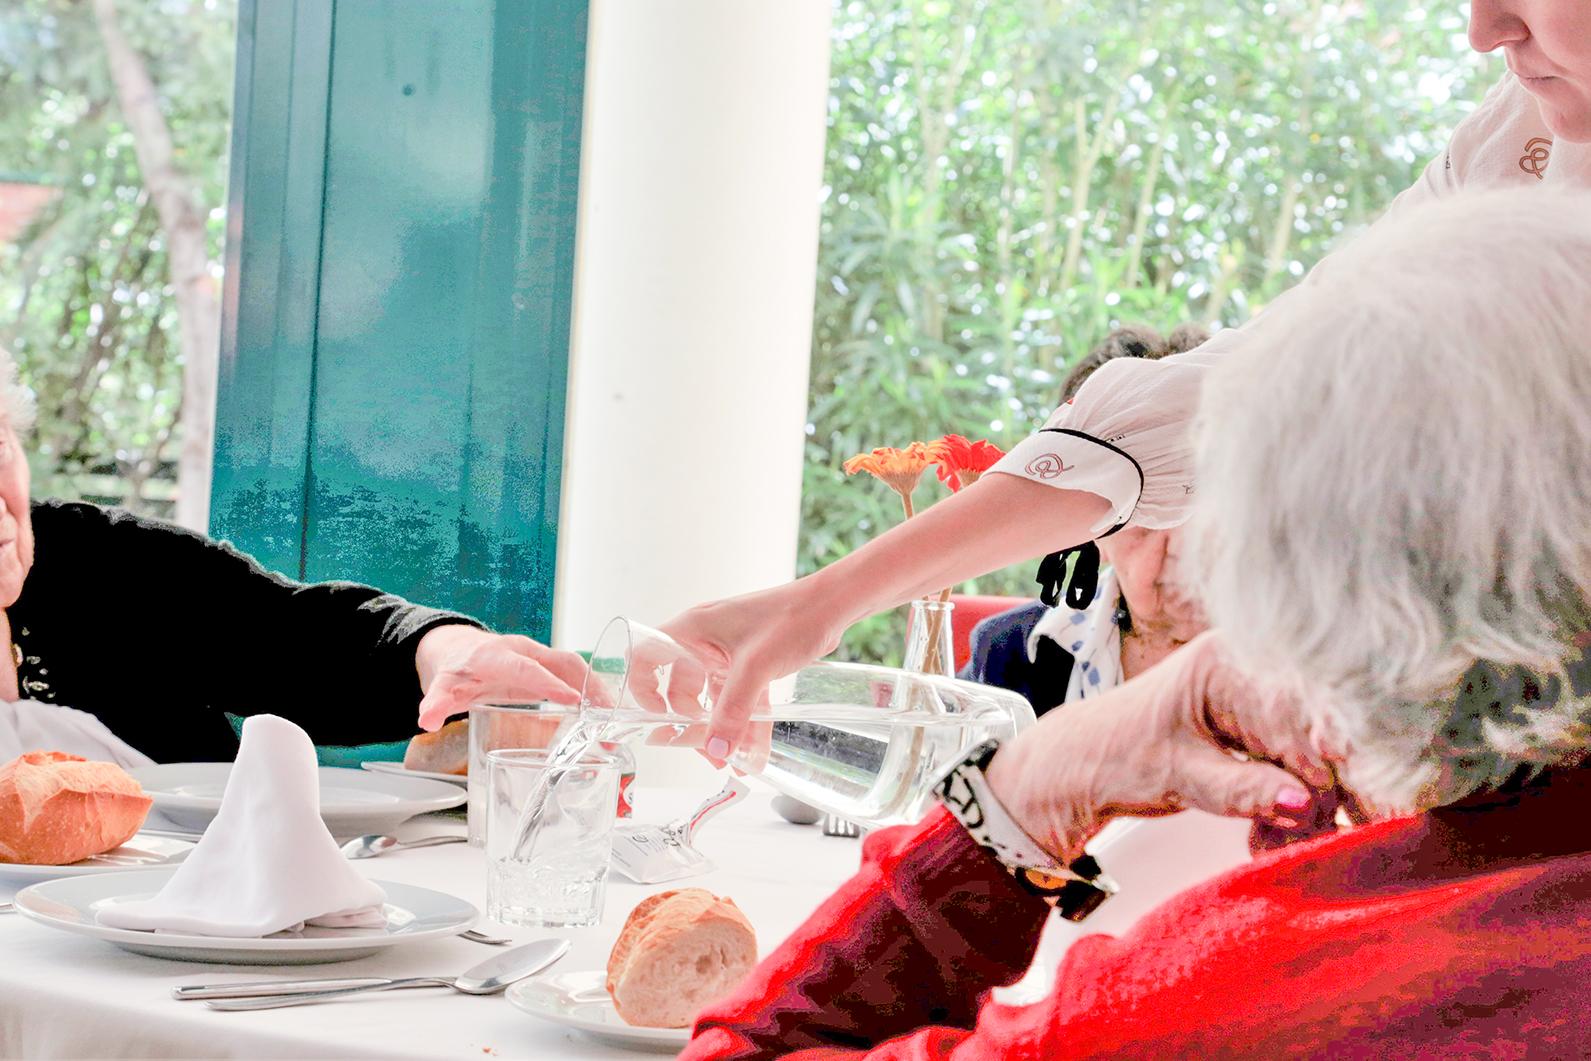 Grupo ORPEA acoge en sus centros a personas mayores que viven solas para que pasen la Navidad en un ambiente cálido y familiar